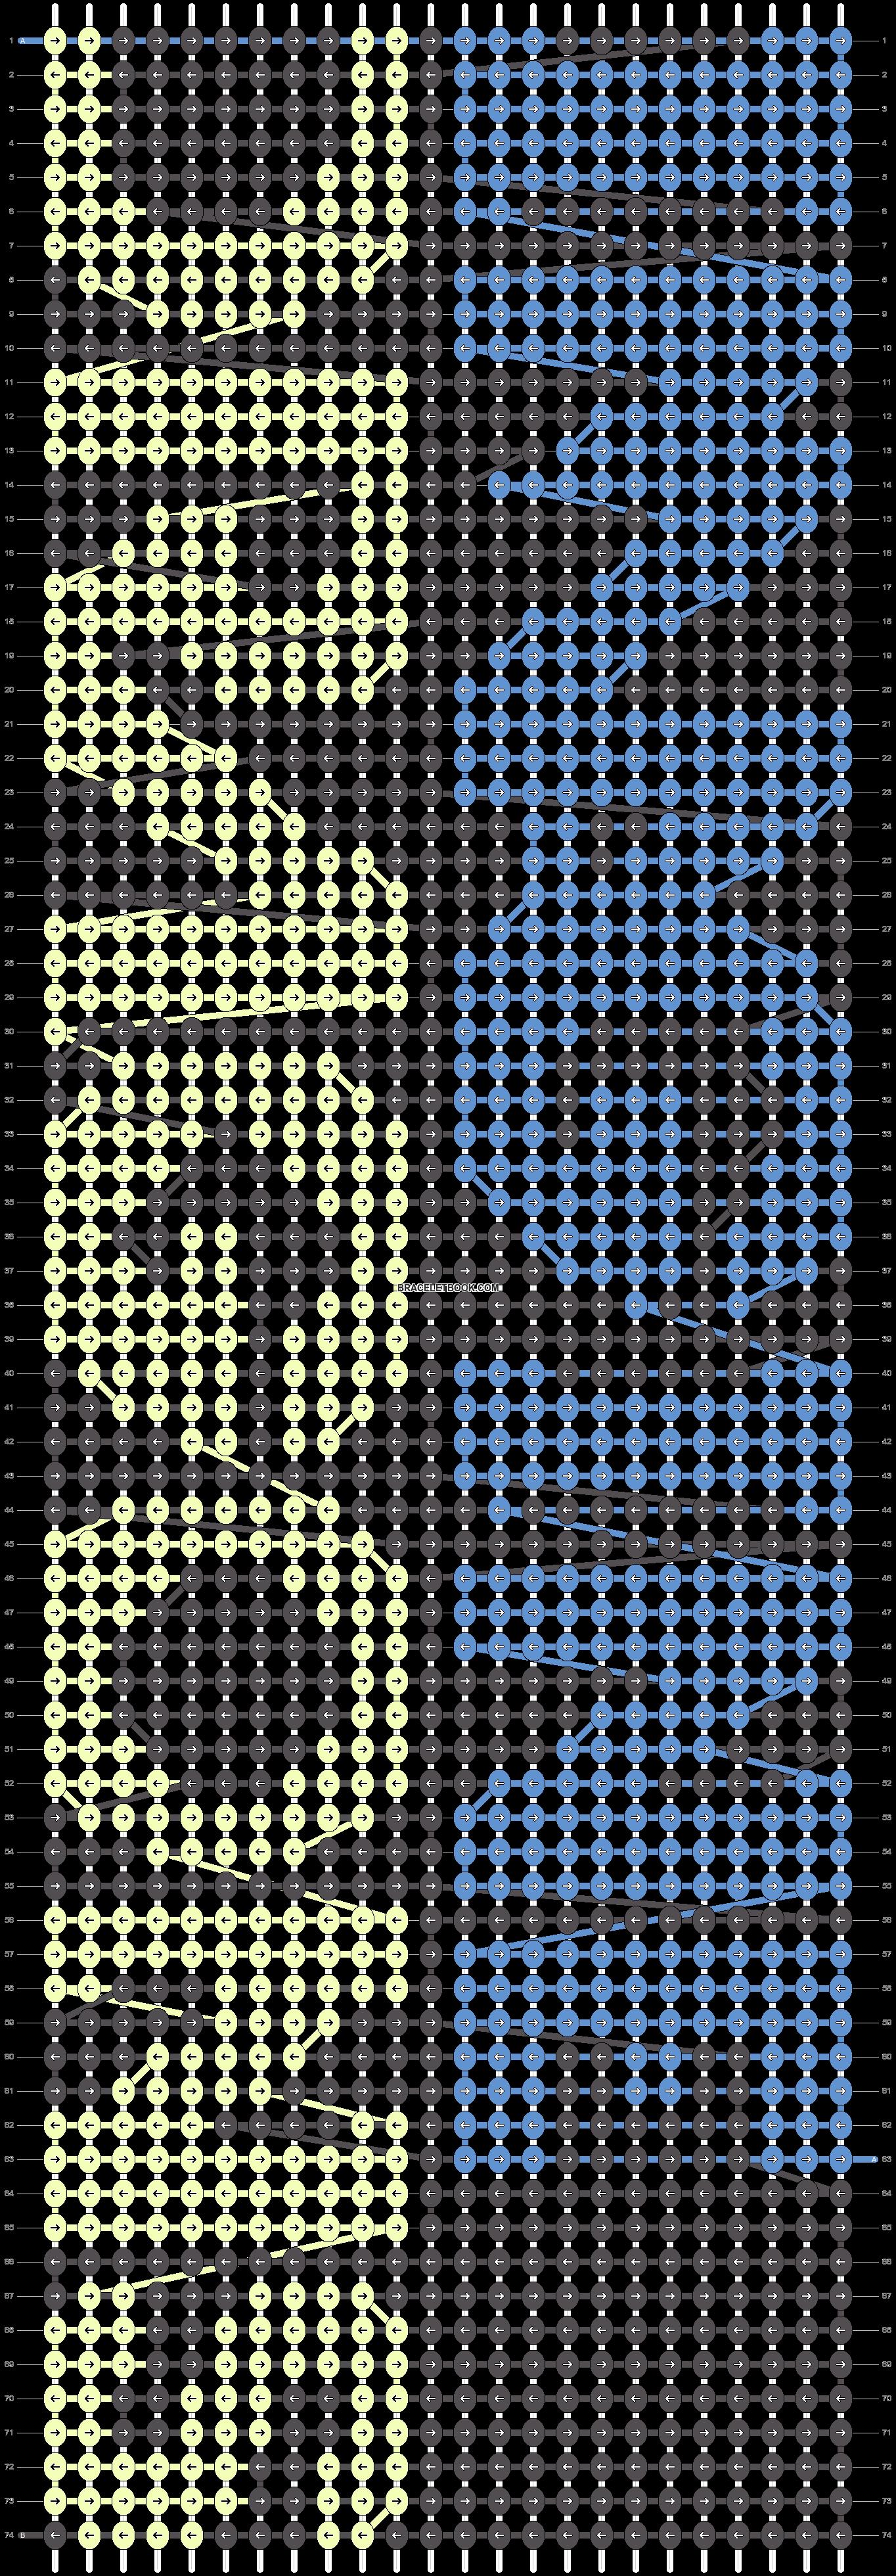 Alpha Pattern #7815 added by Freddy7